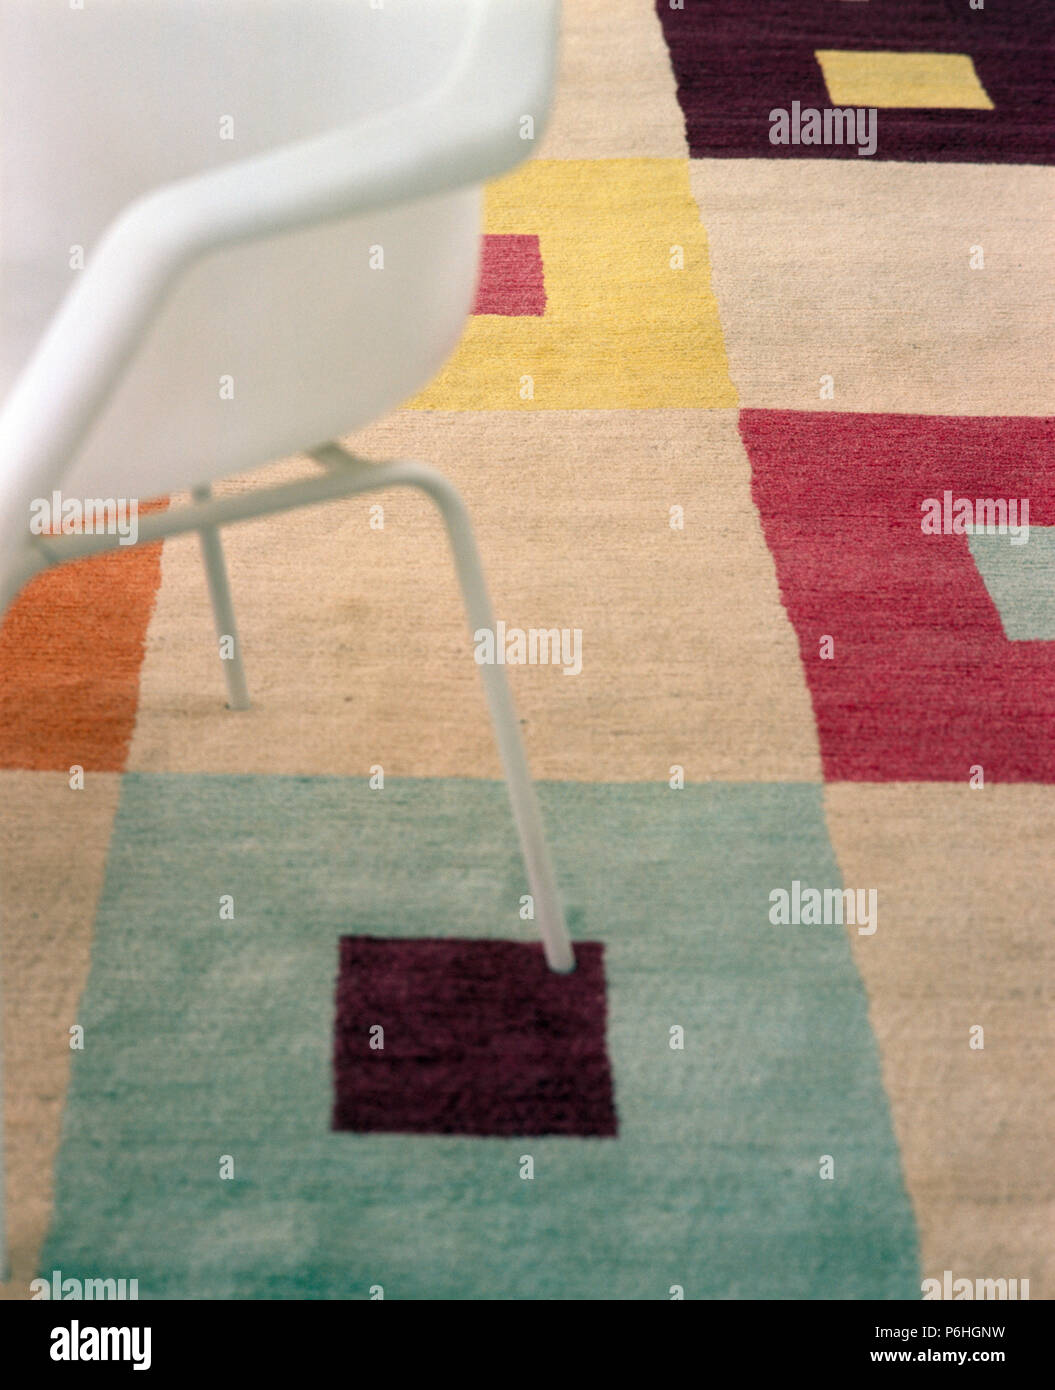 https www alamyimages fr close up d une chaise de style annees 50 blanc sur tapis en laine colore verifie image210598693 html